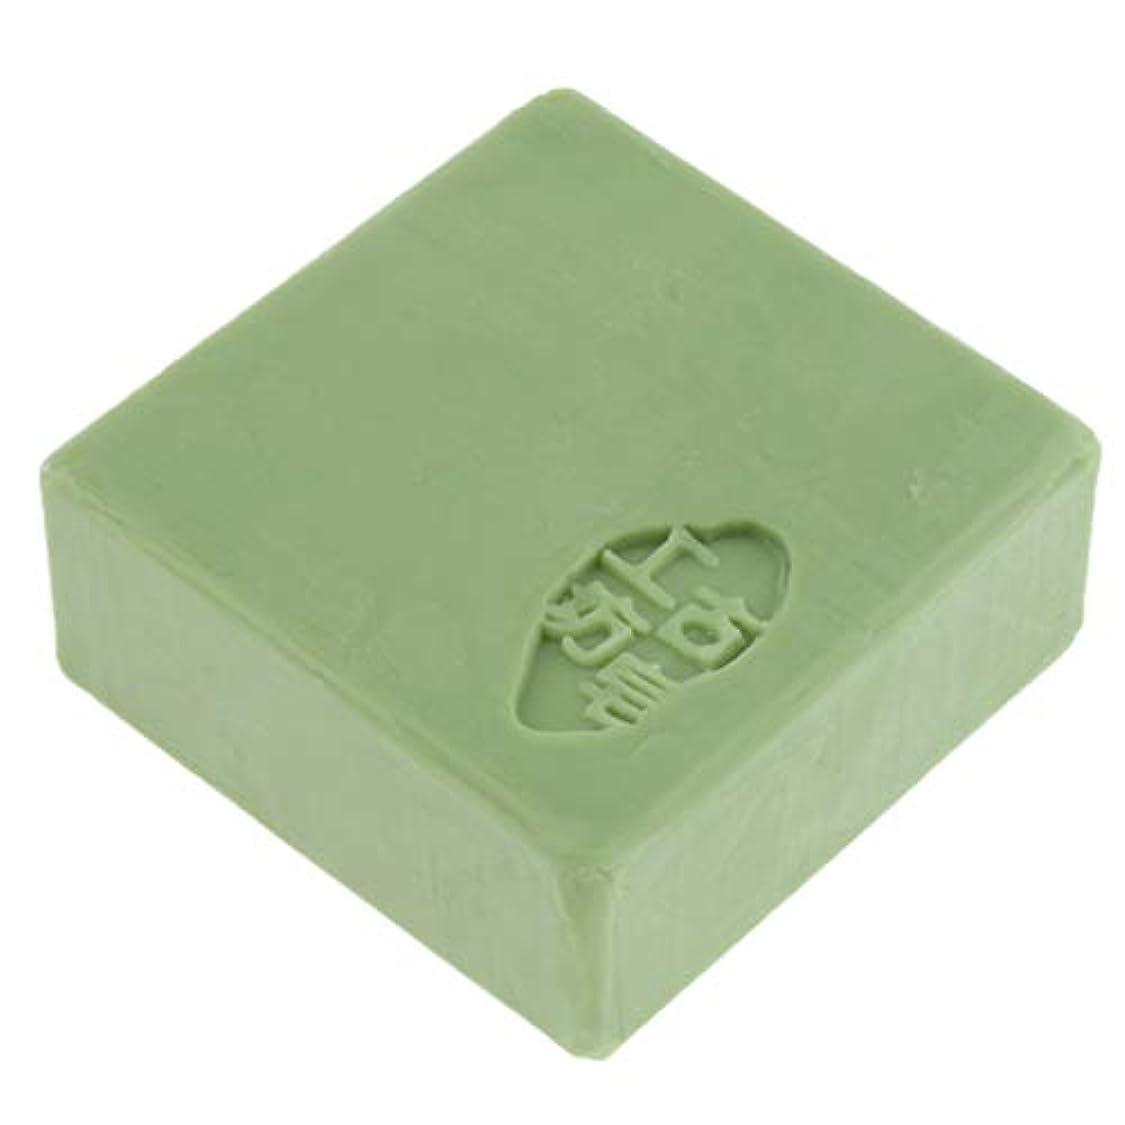 ミルクミシンひらめきFLAMEER フェイスソープ ボディソープ スキンケア 石鹸 メイク落とし 全3色 - 緑